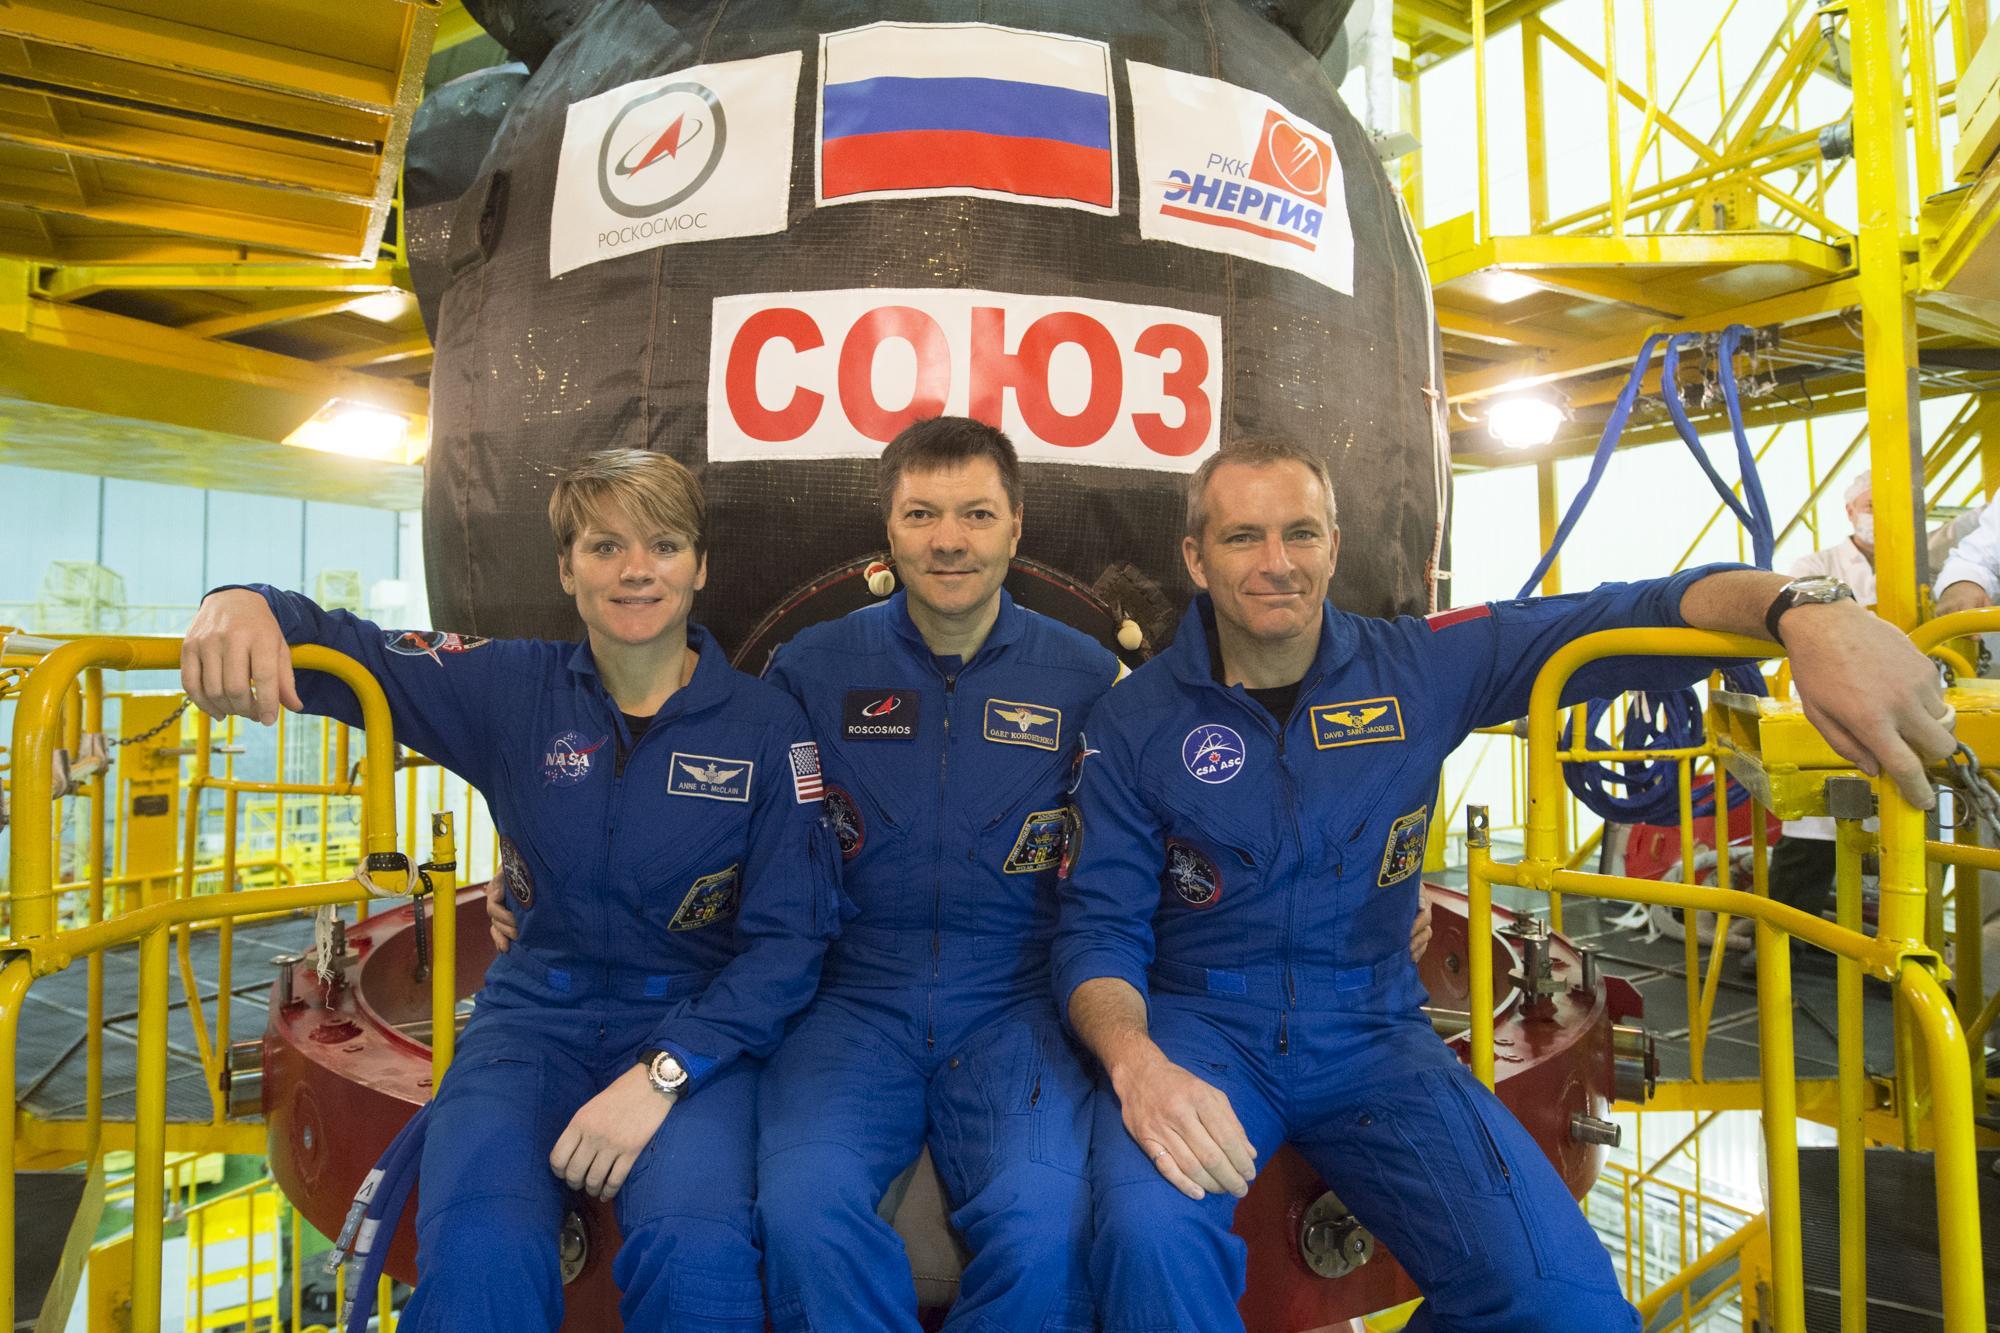 Новости Коломны   Коломенцы встретили космонавтов длительной экспедиции на МКС Фото (Коломна)   iz zhizni kolomnyi